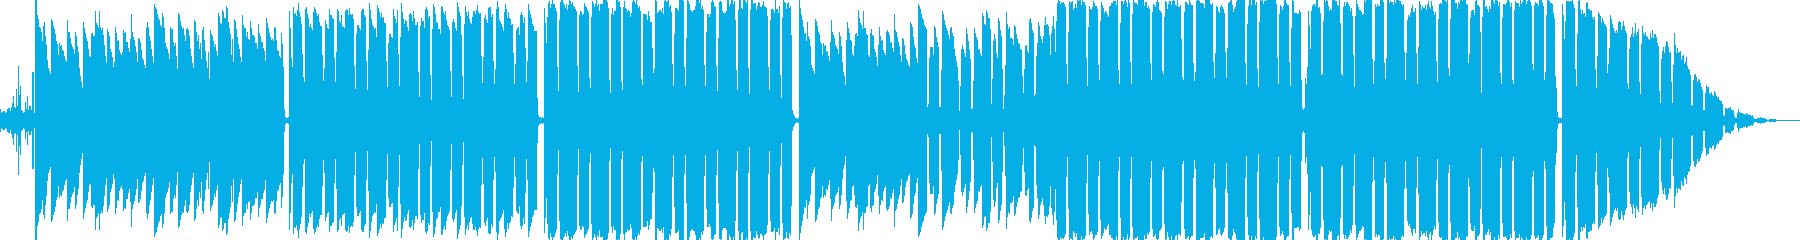 夏をイメージしたLo-Fi Hiphopの再生済みの波形